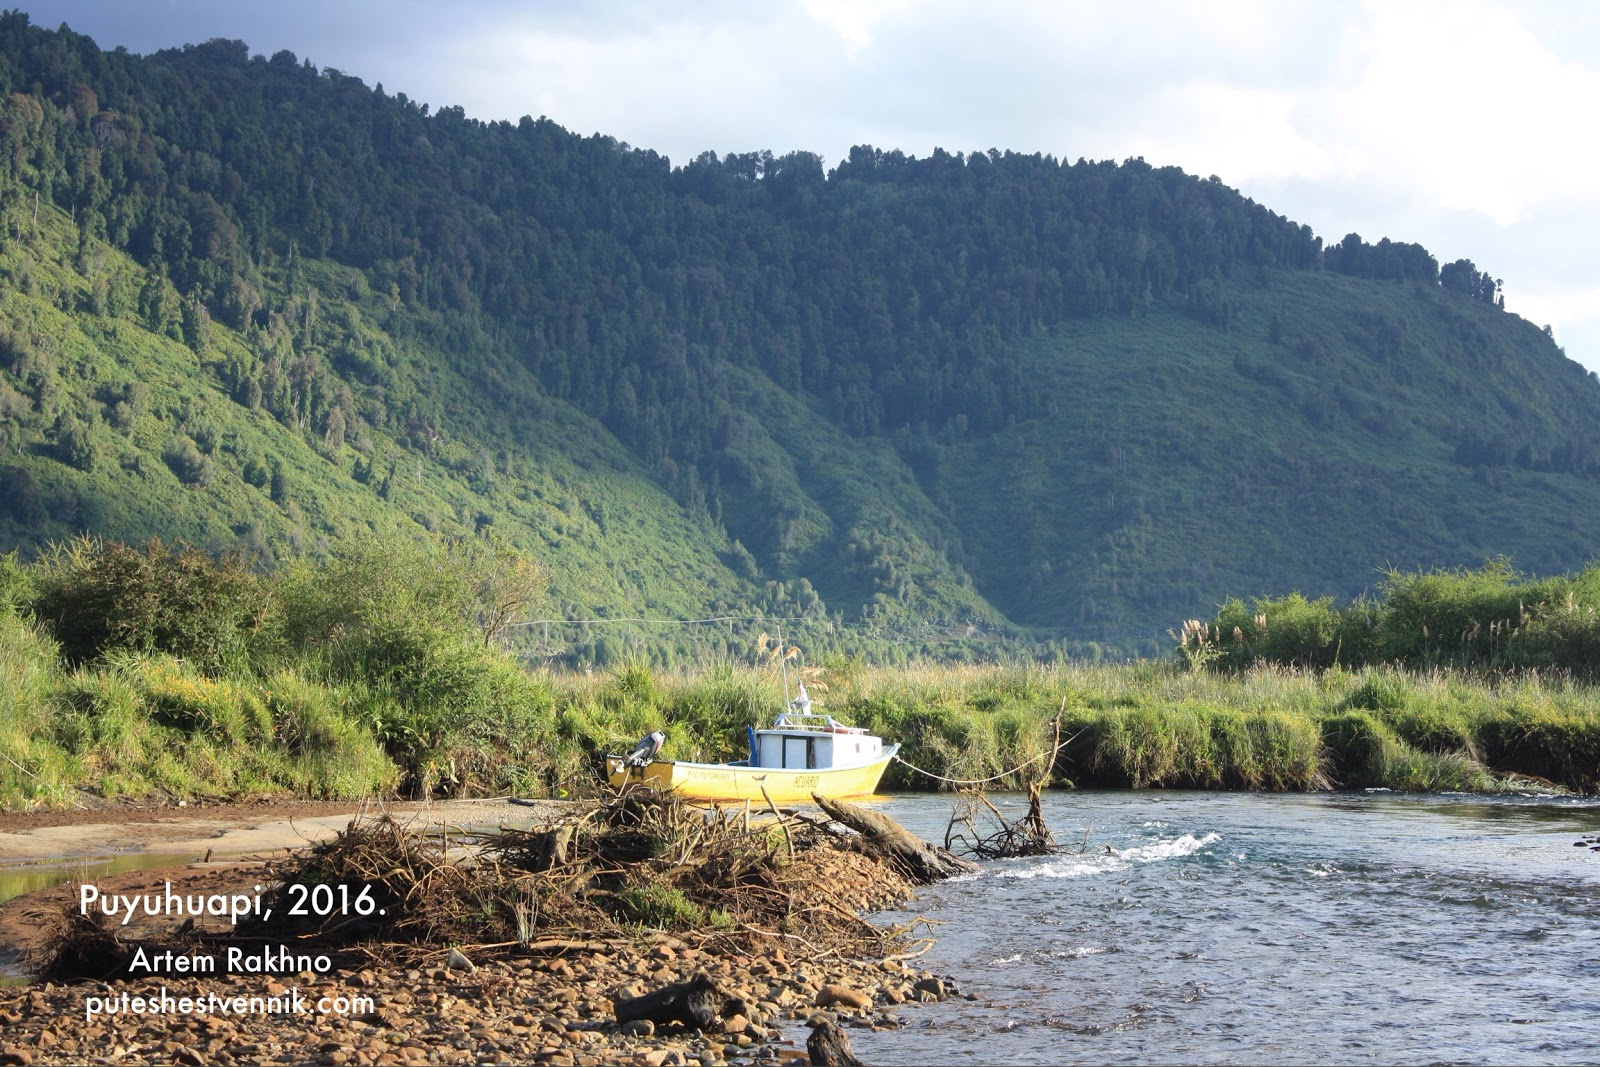 Катер на реке в деревне Пуюуапи